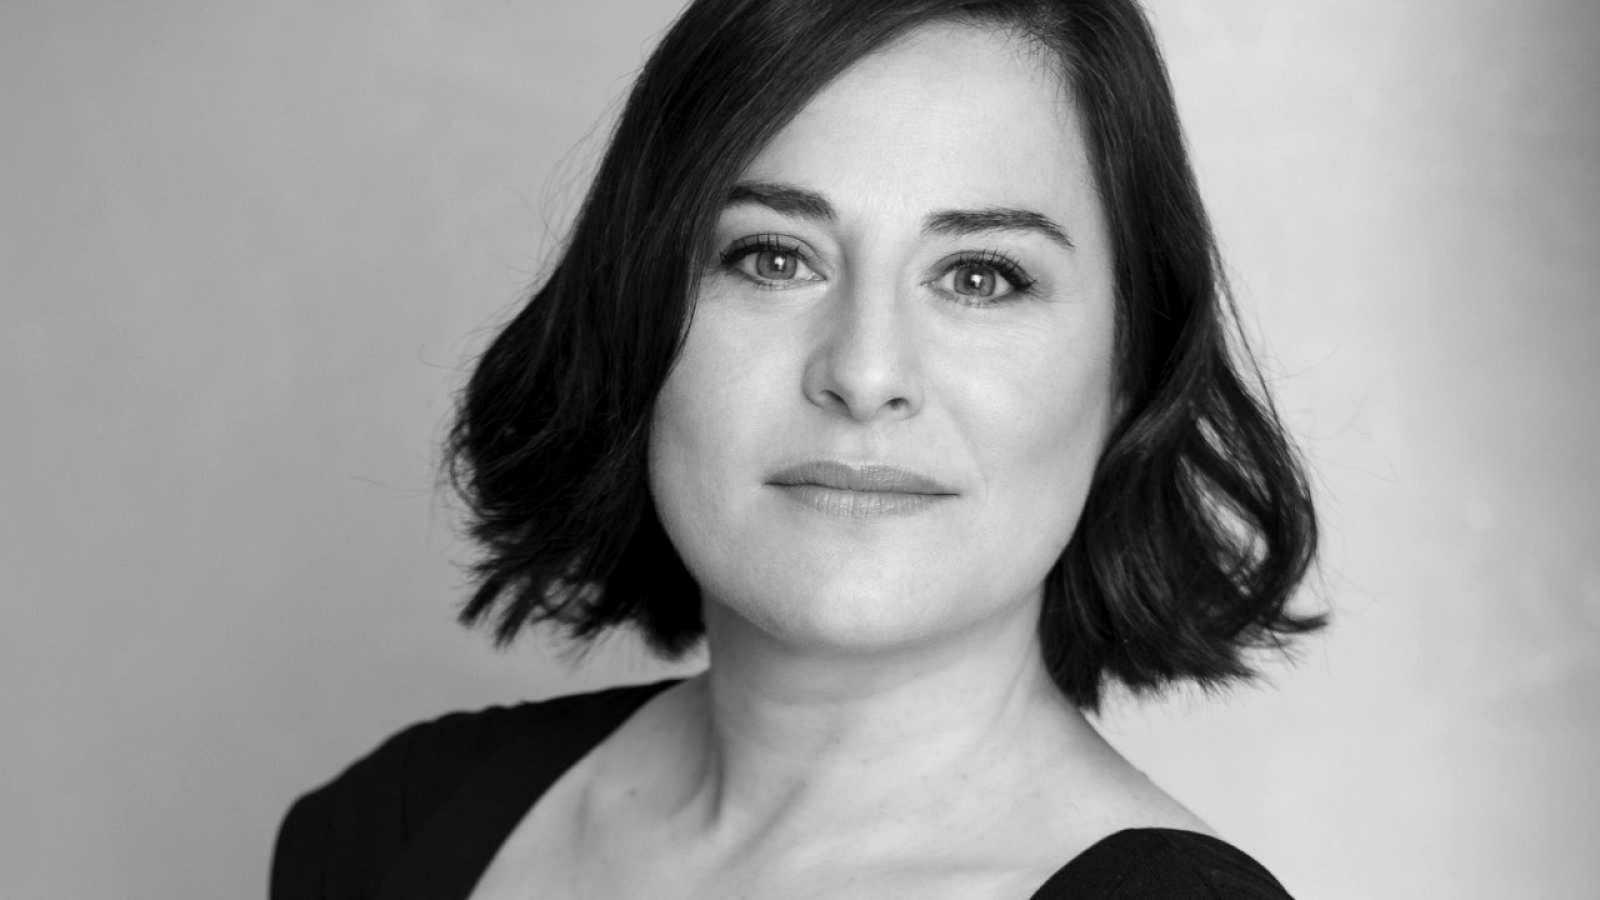 Las Mañanas de Radio Nacional con Pepa Fernández - 'Lo que tú nos dejas' en el Teatro Galileo de Madrid - Escuchar ahora